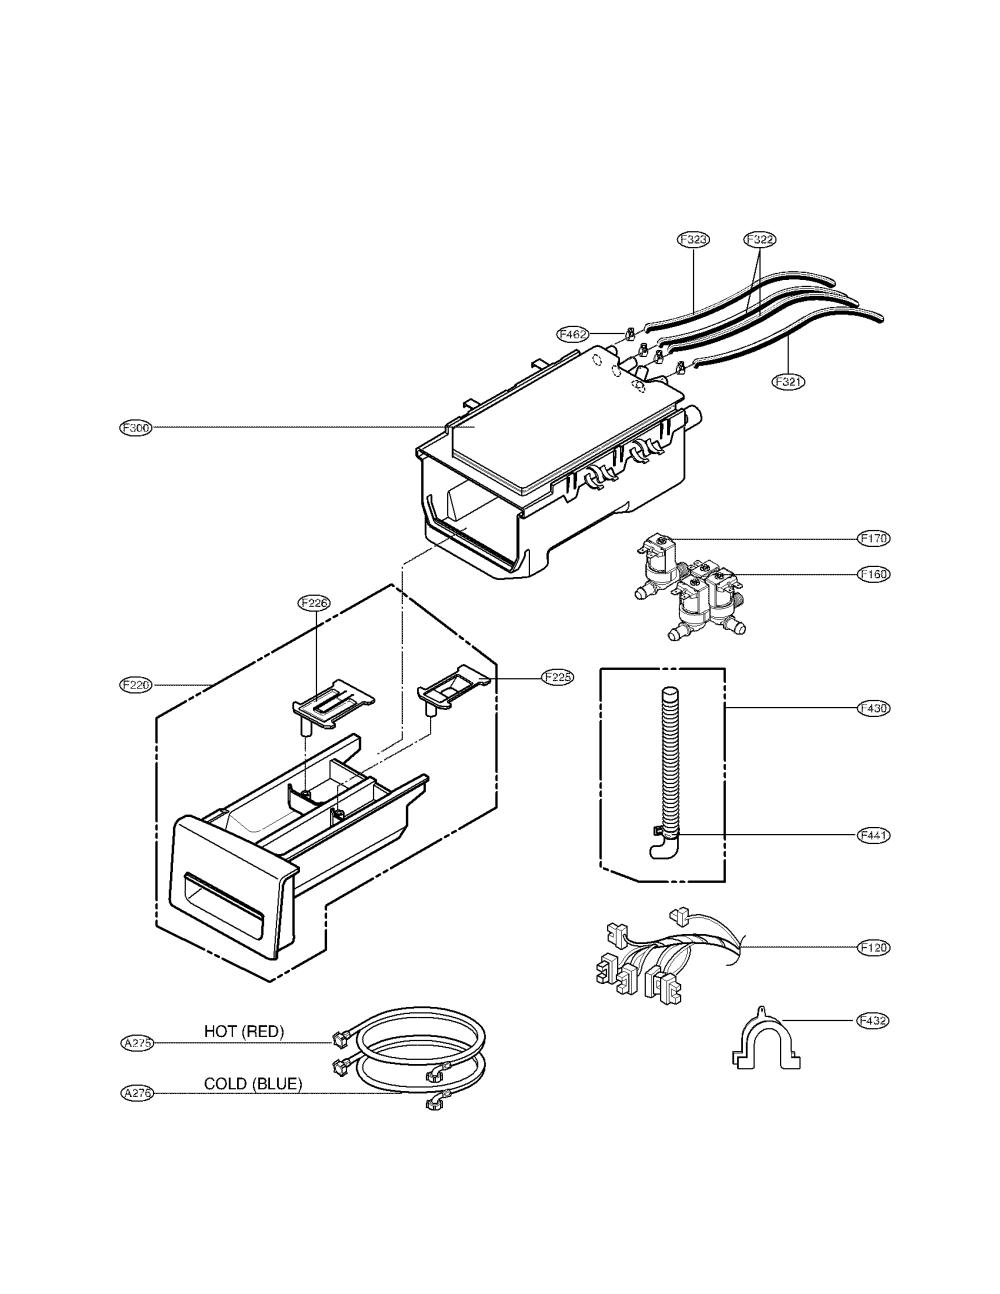 medium resolution of lg wm2010cw dispenser parts diagram